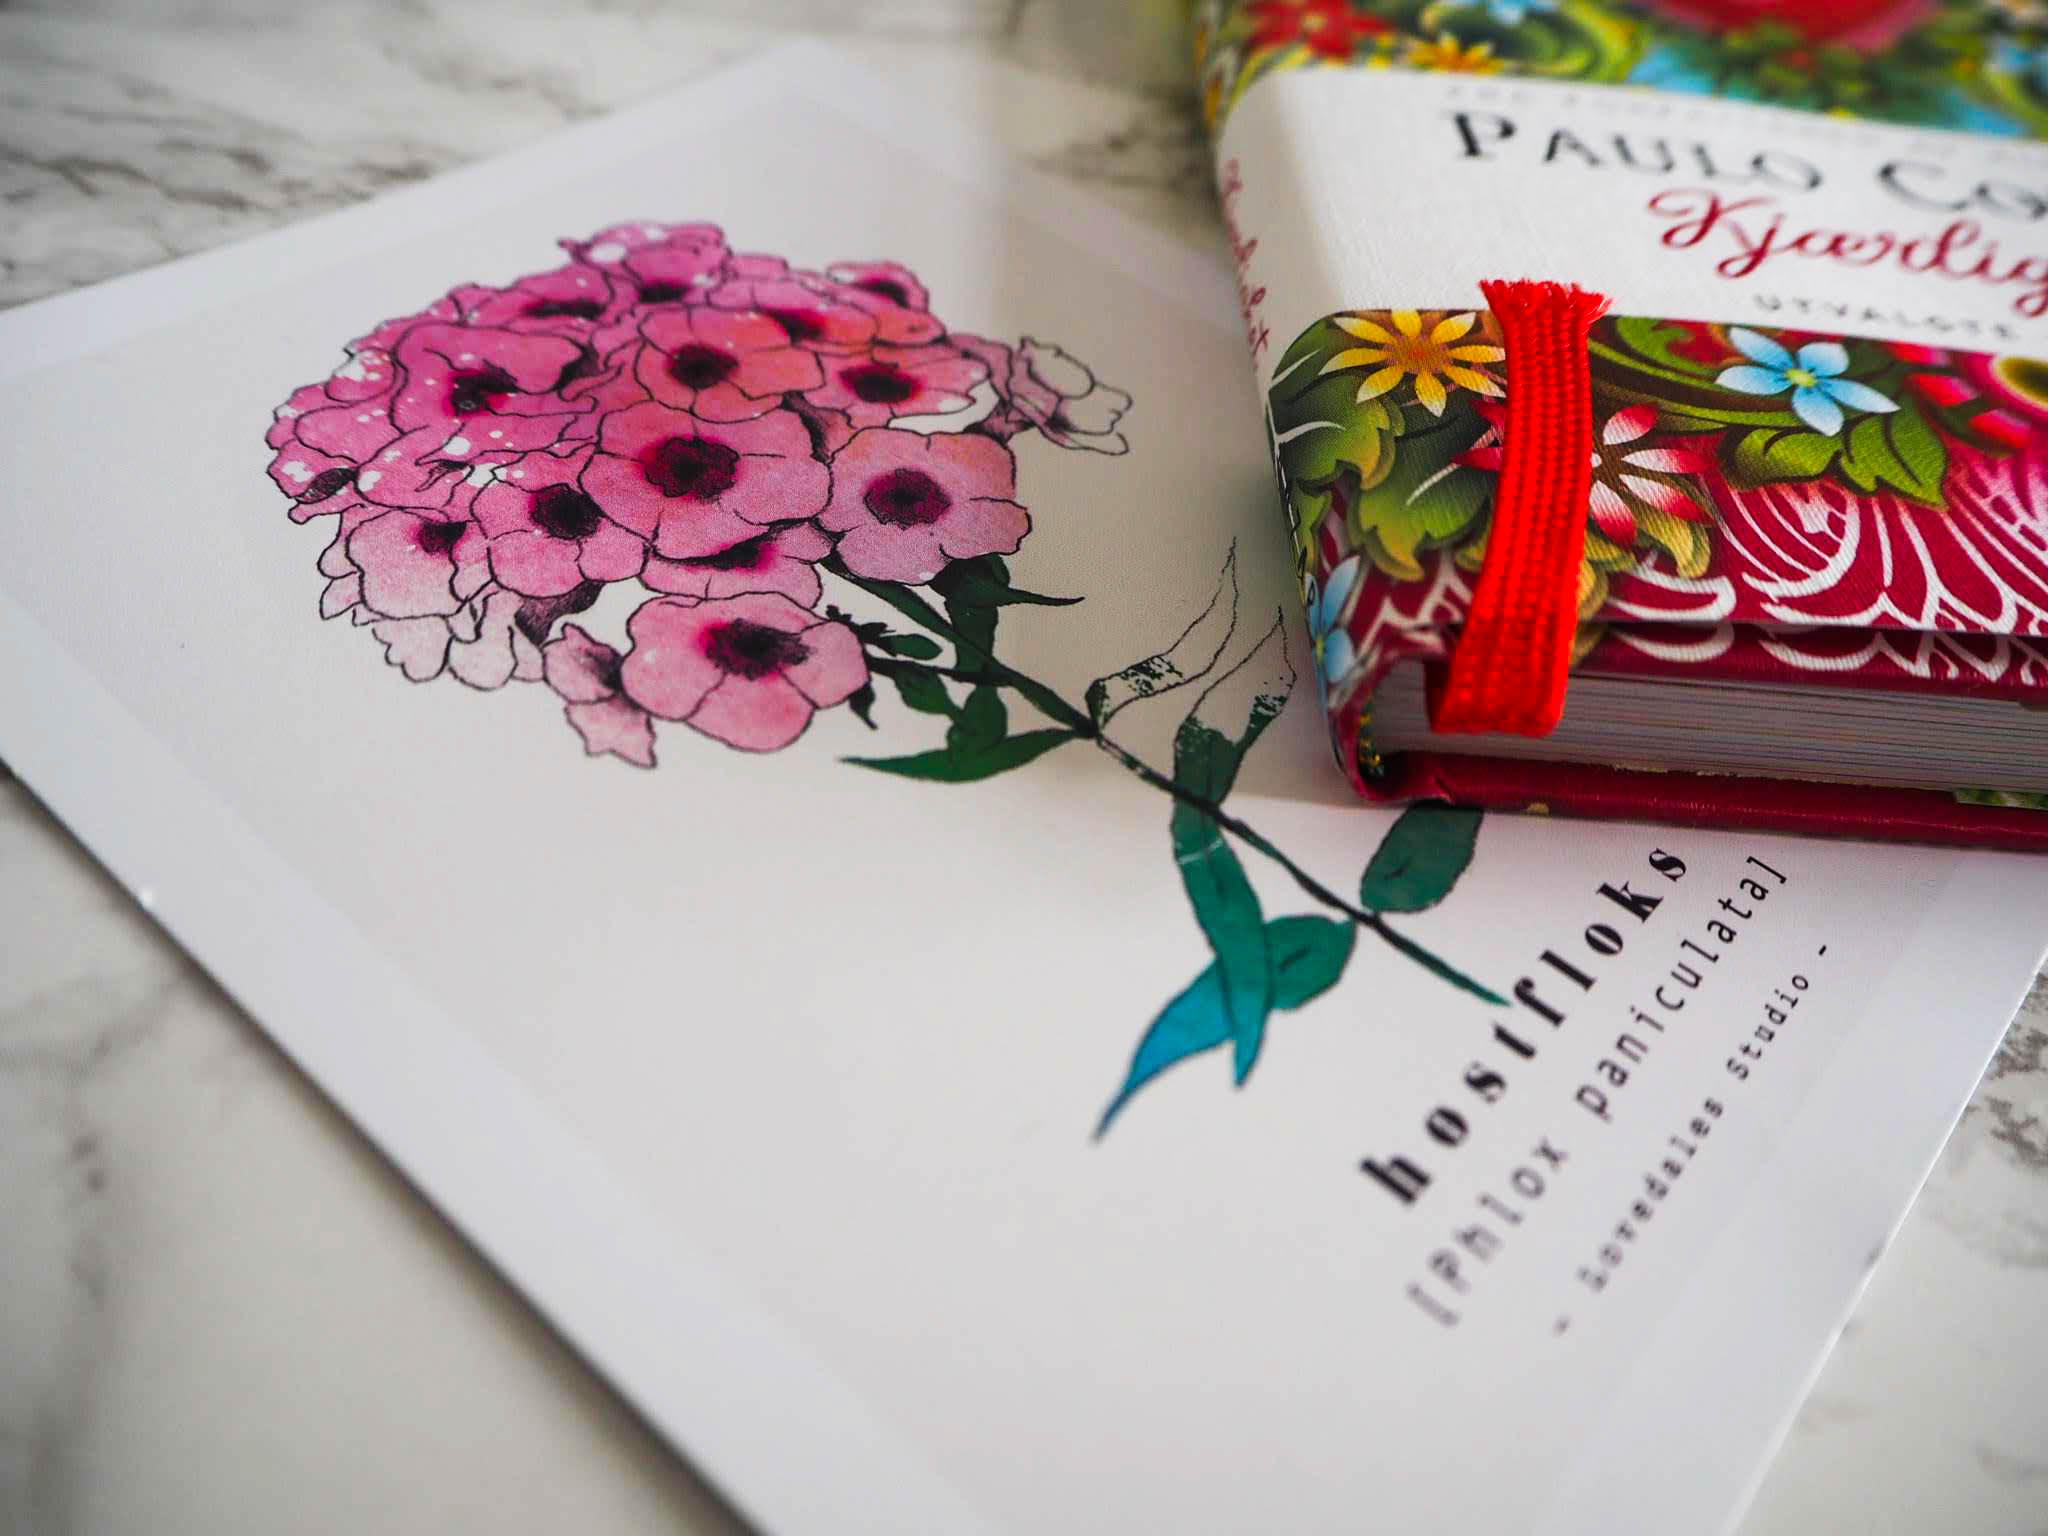 Kjærlighet - Paulo Coelho